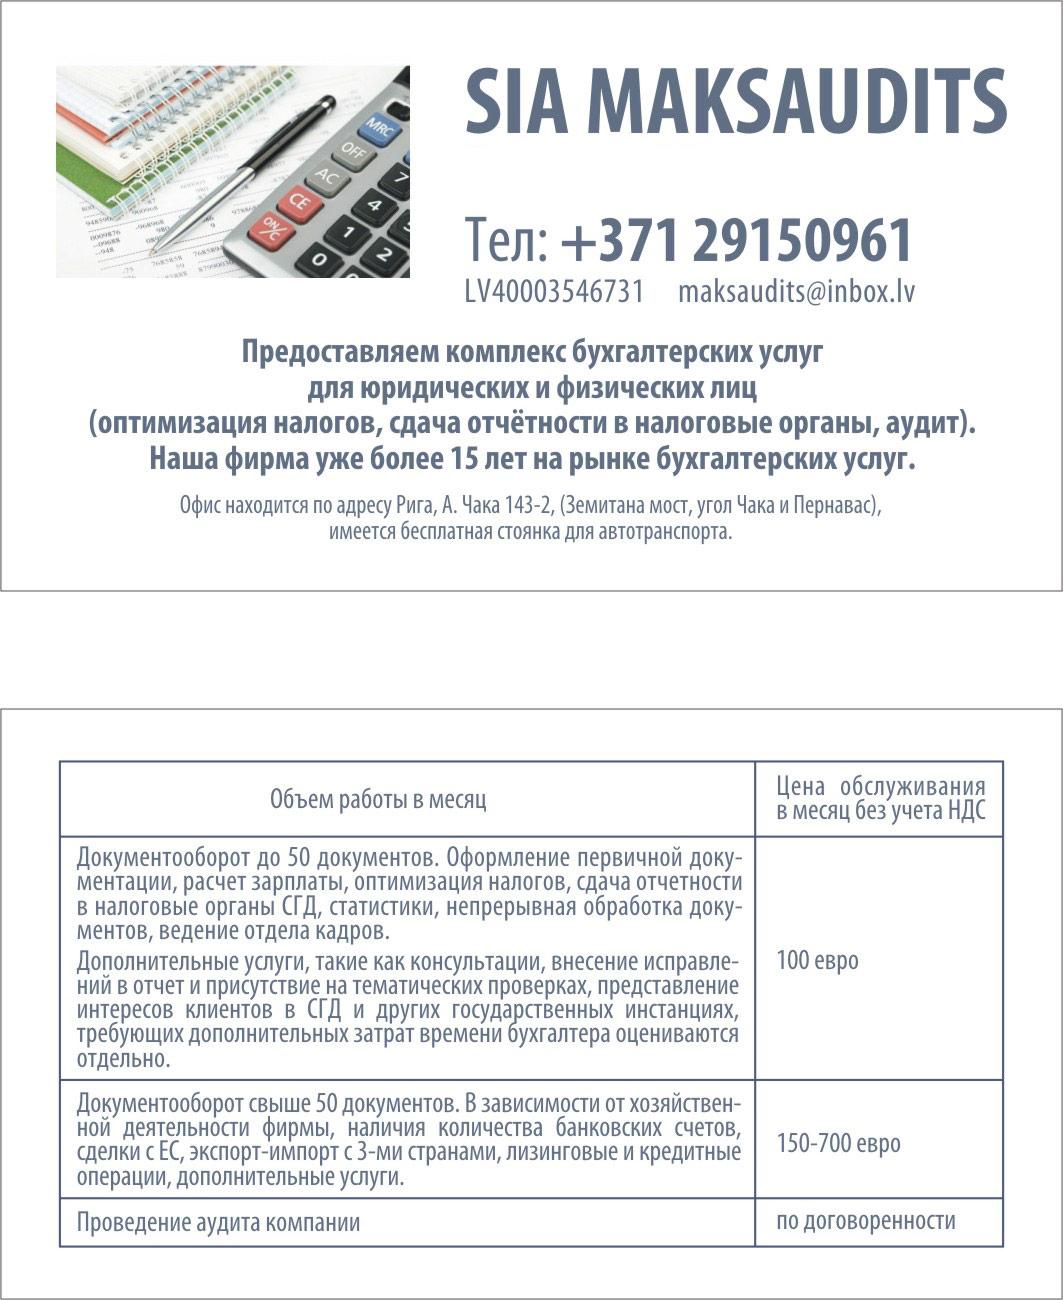 maksaudit_RU